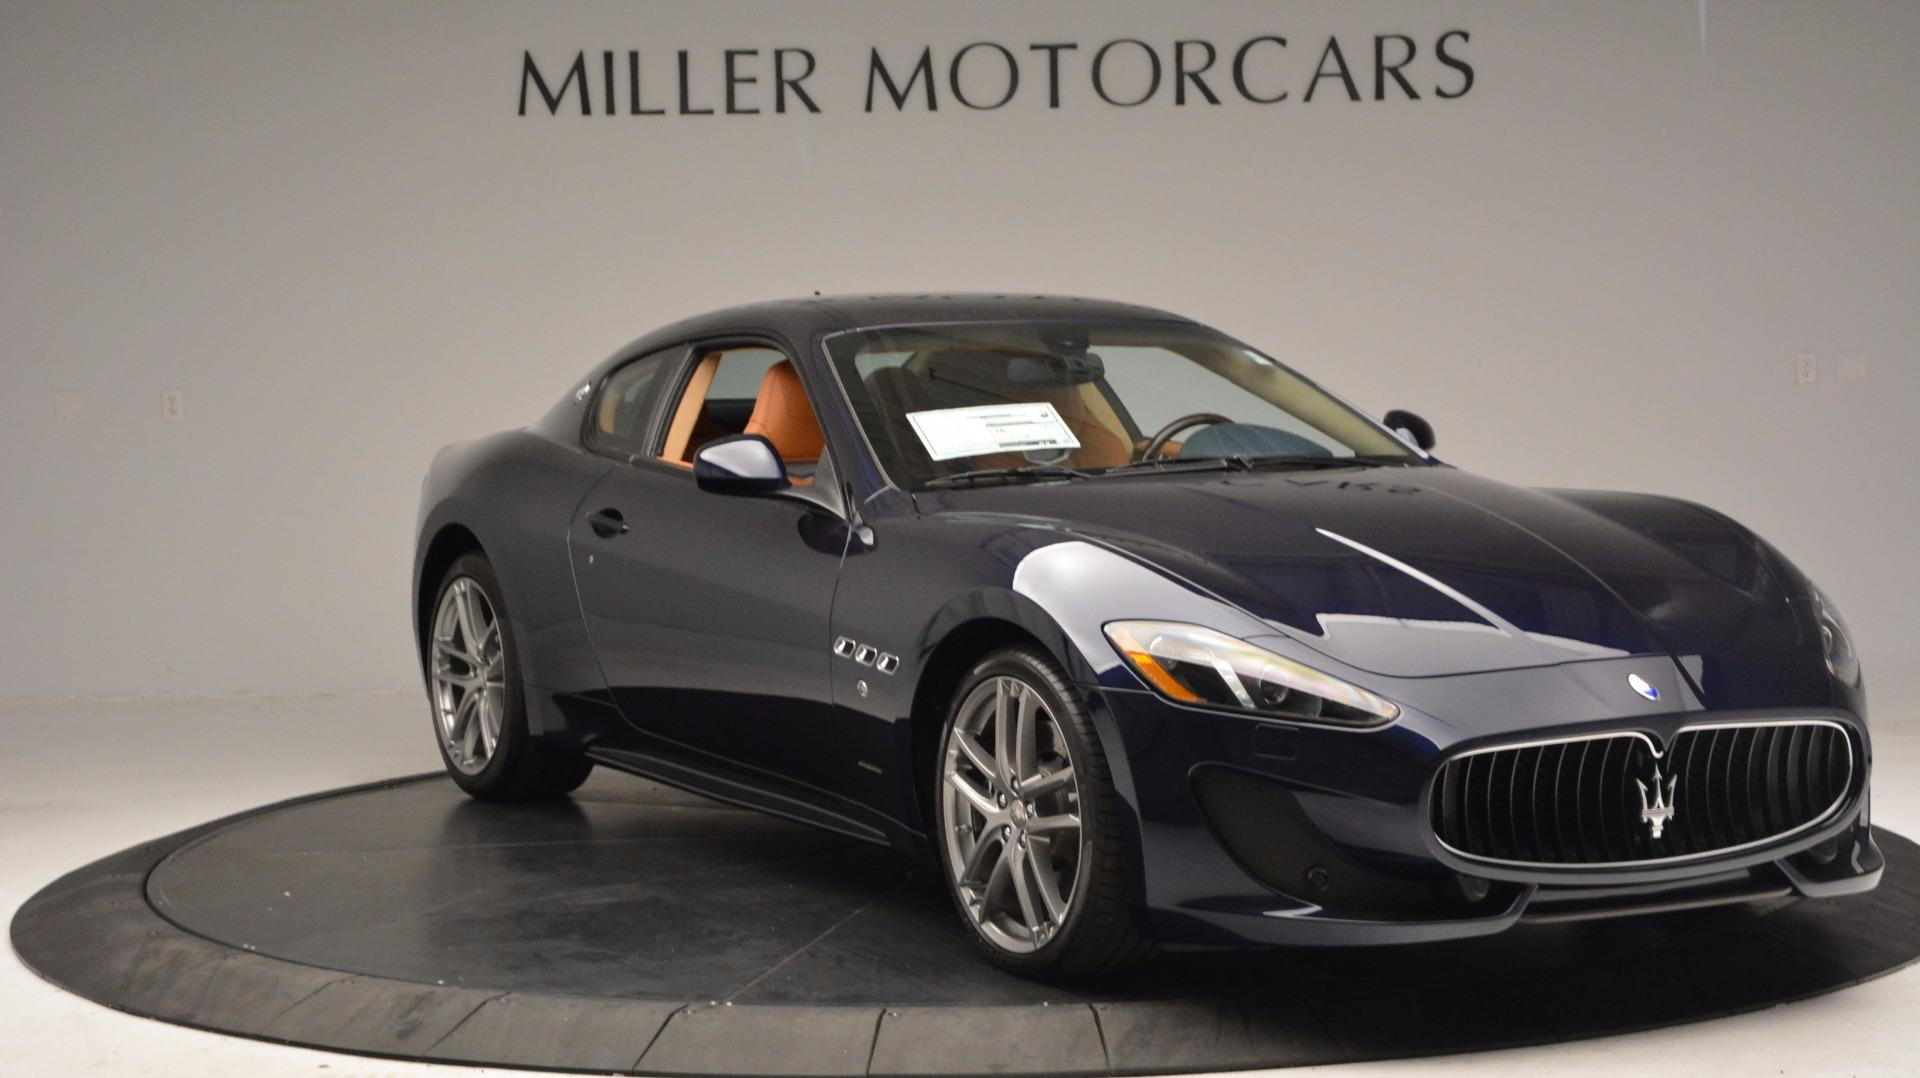 New 2017 Maserati GranTurismo Coupe Sport For Sale In Greenwich, CT 1295_p11